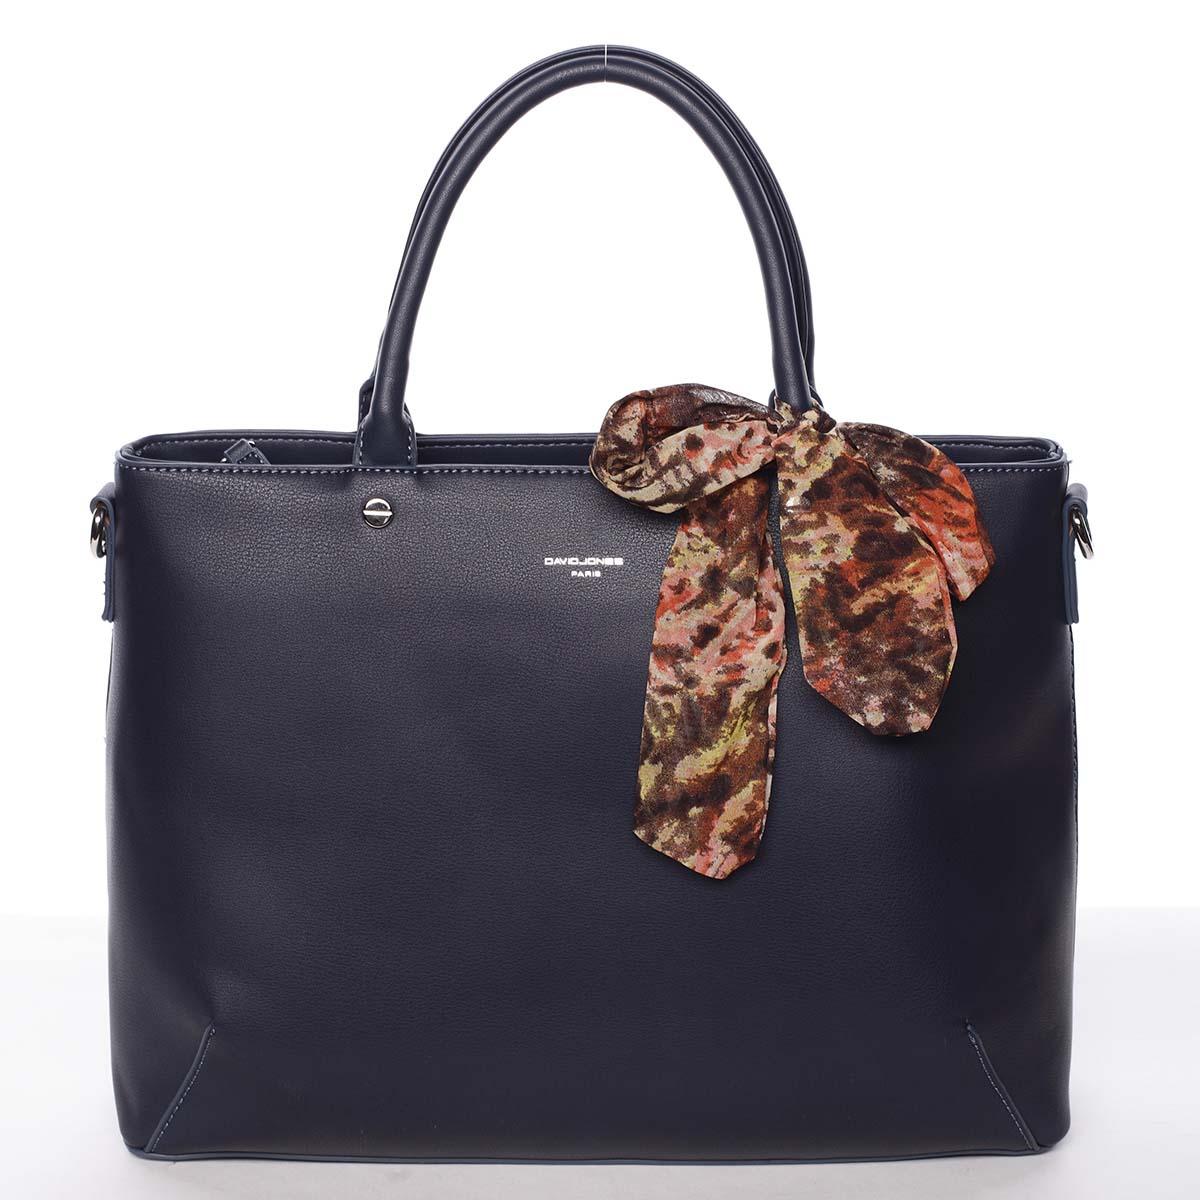 Módní dámská tmavě modrá kabelka s mašlí - David Jones Harriet